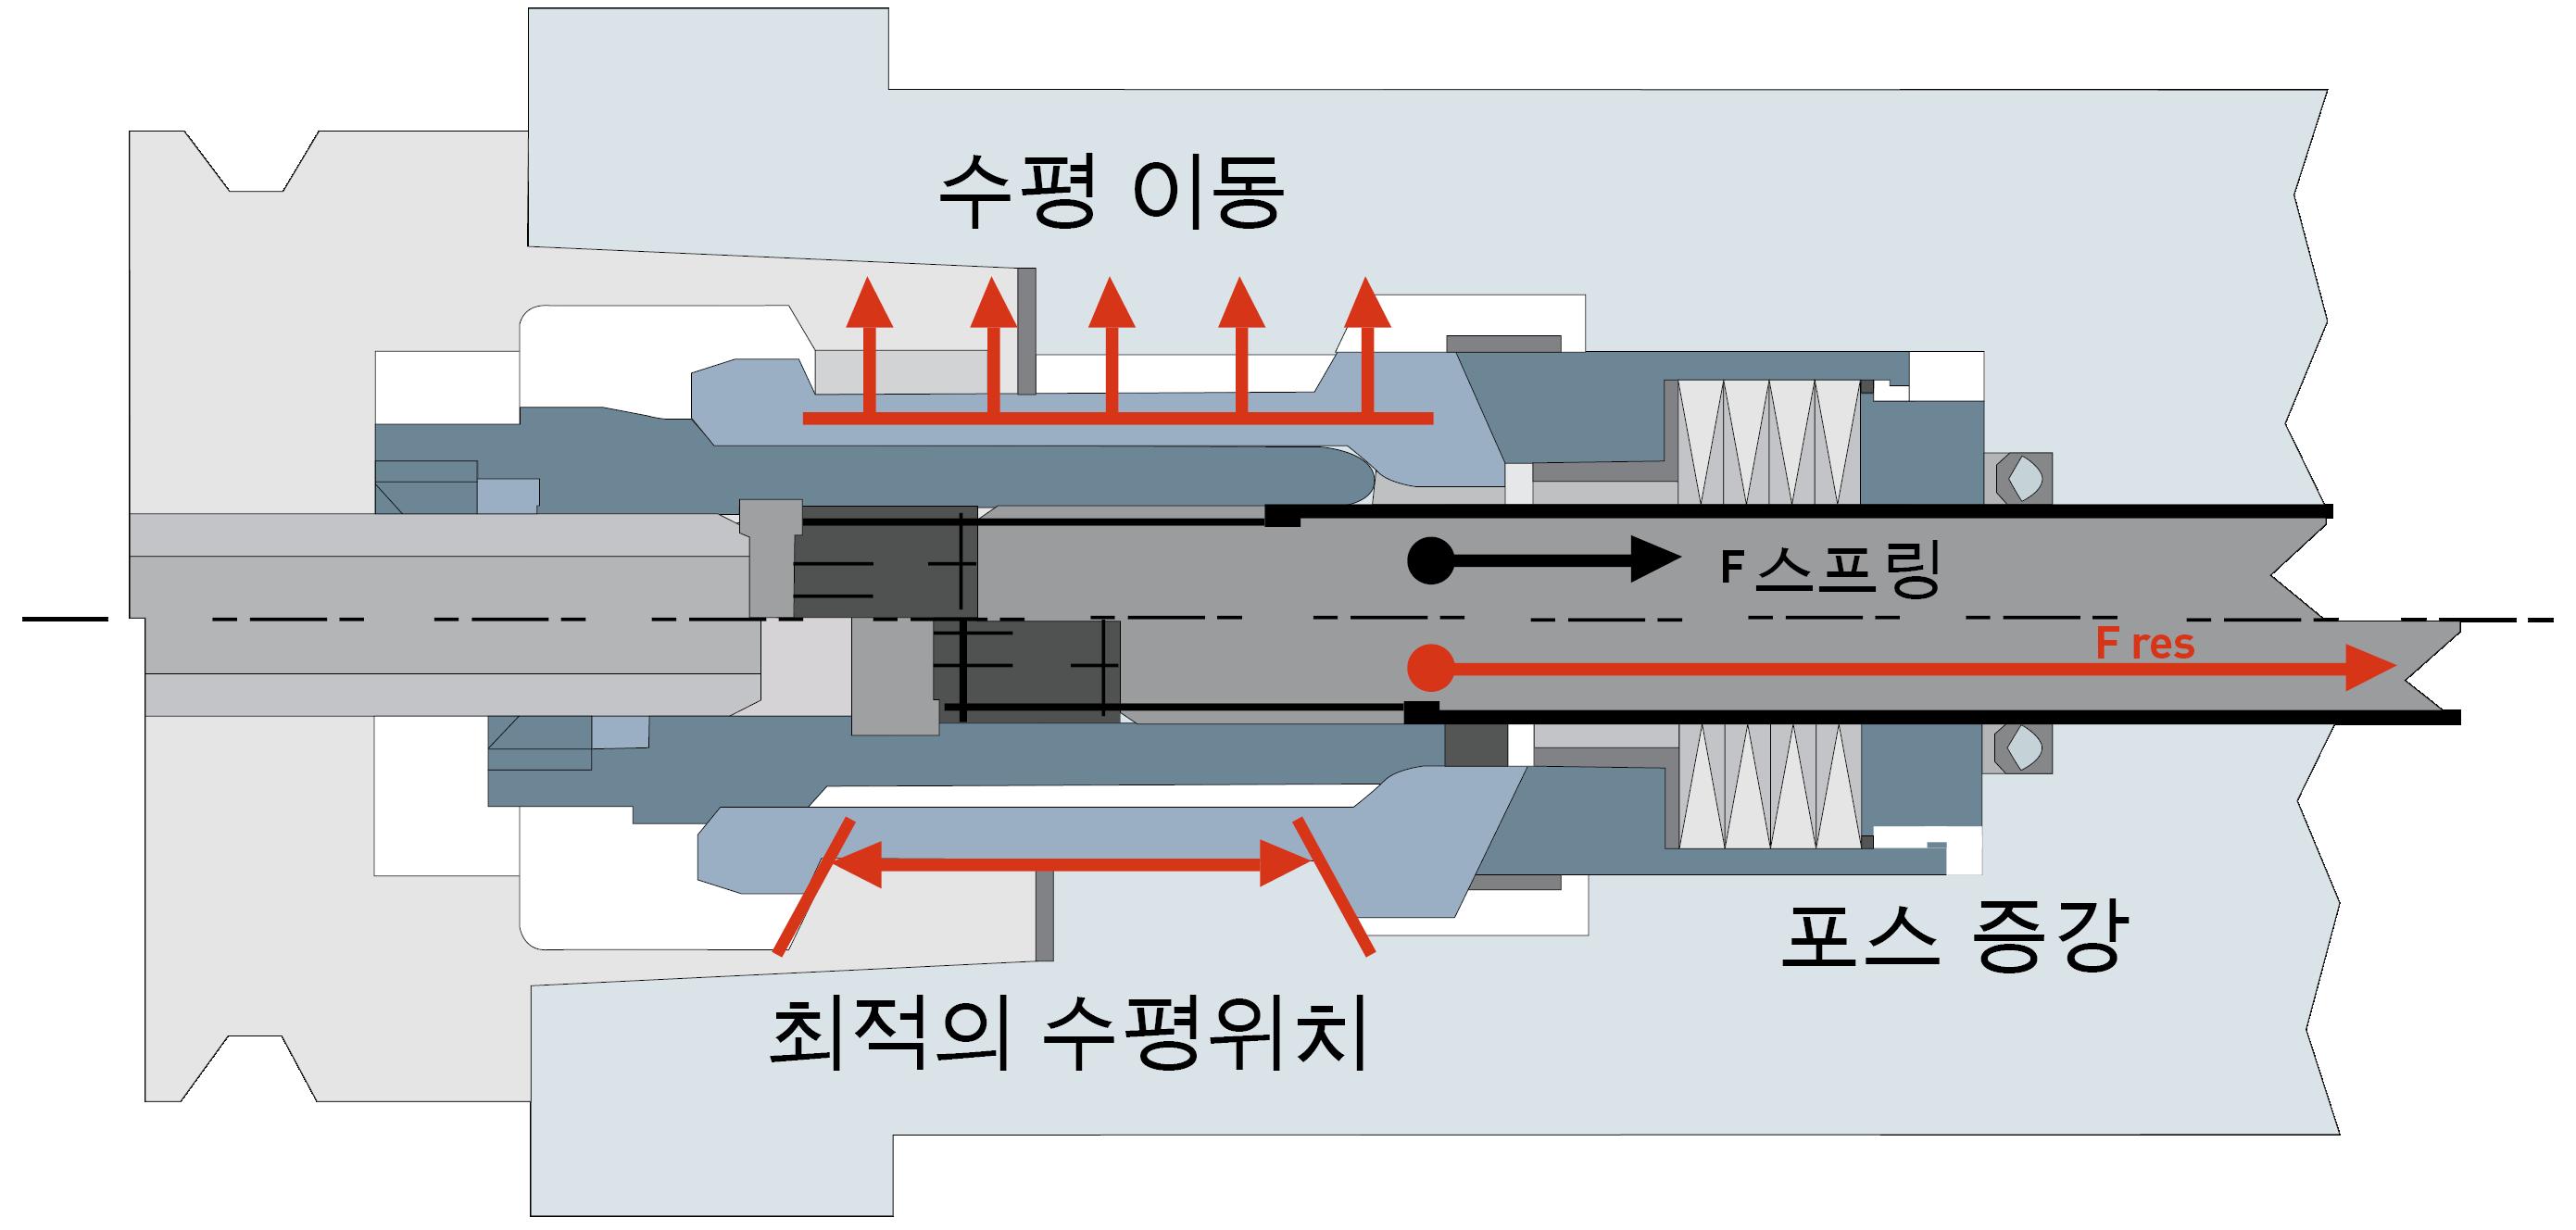 HSK - 장점